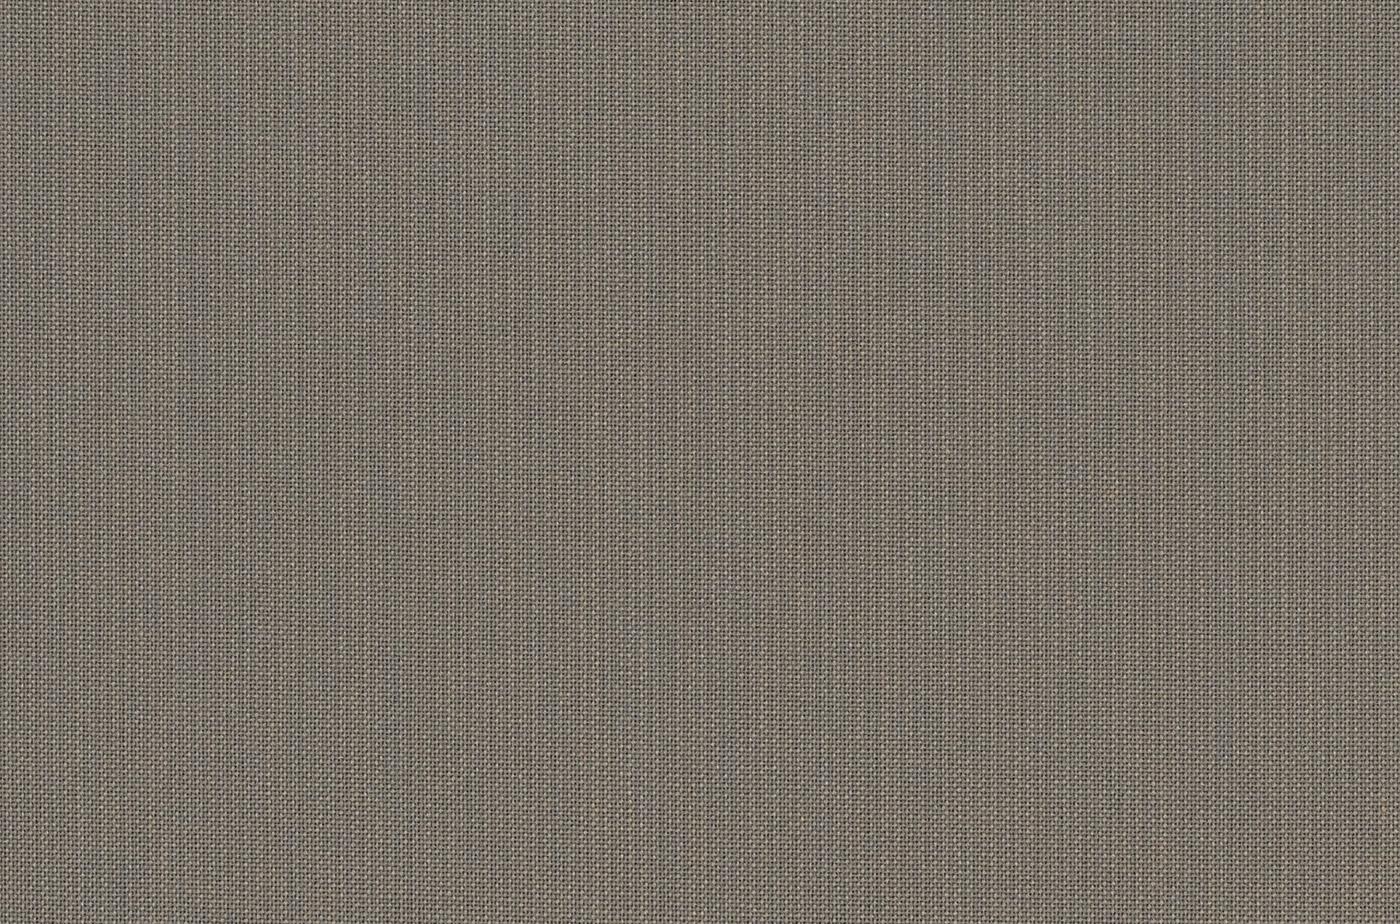 Spectrum Graphite 48030 0000